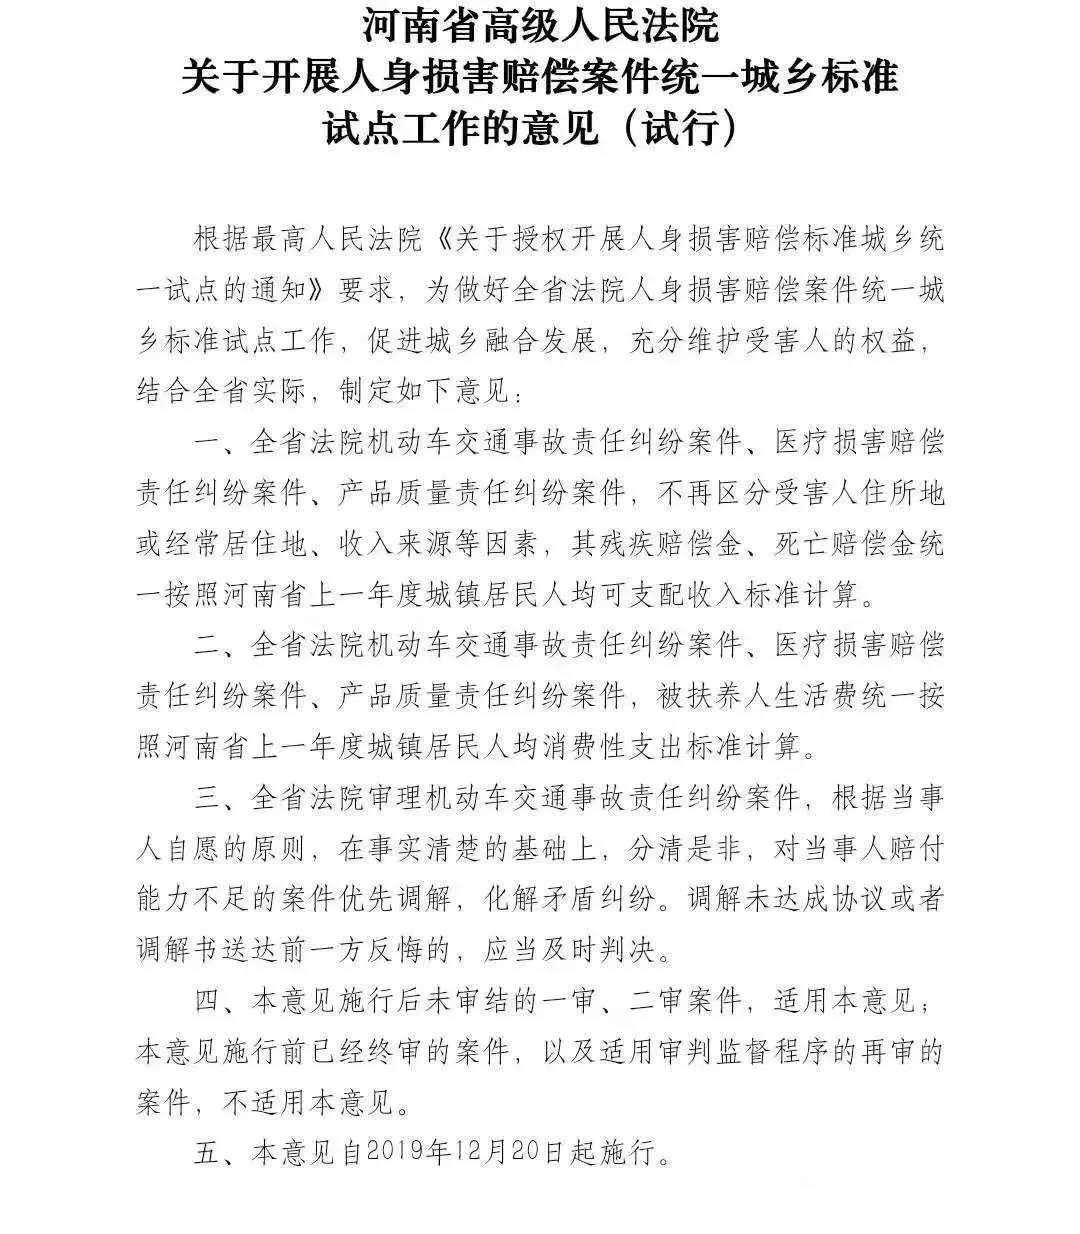 河南省高院关于开展人身损害赔偿案件统一城乡标准试点工作的意见(试行)